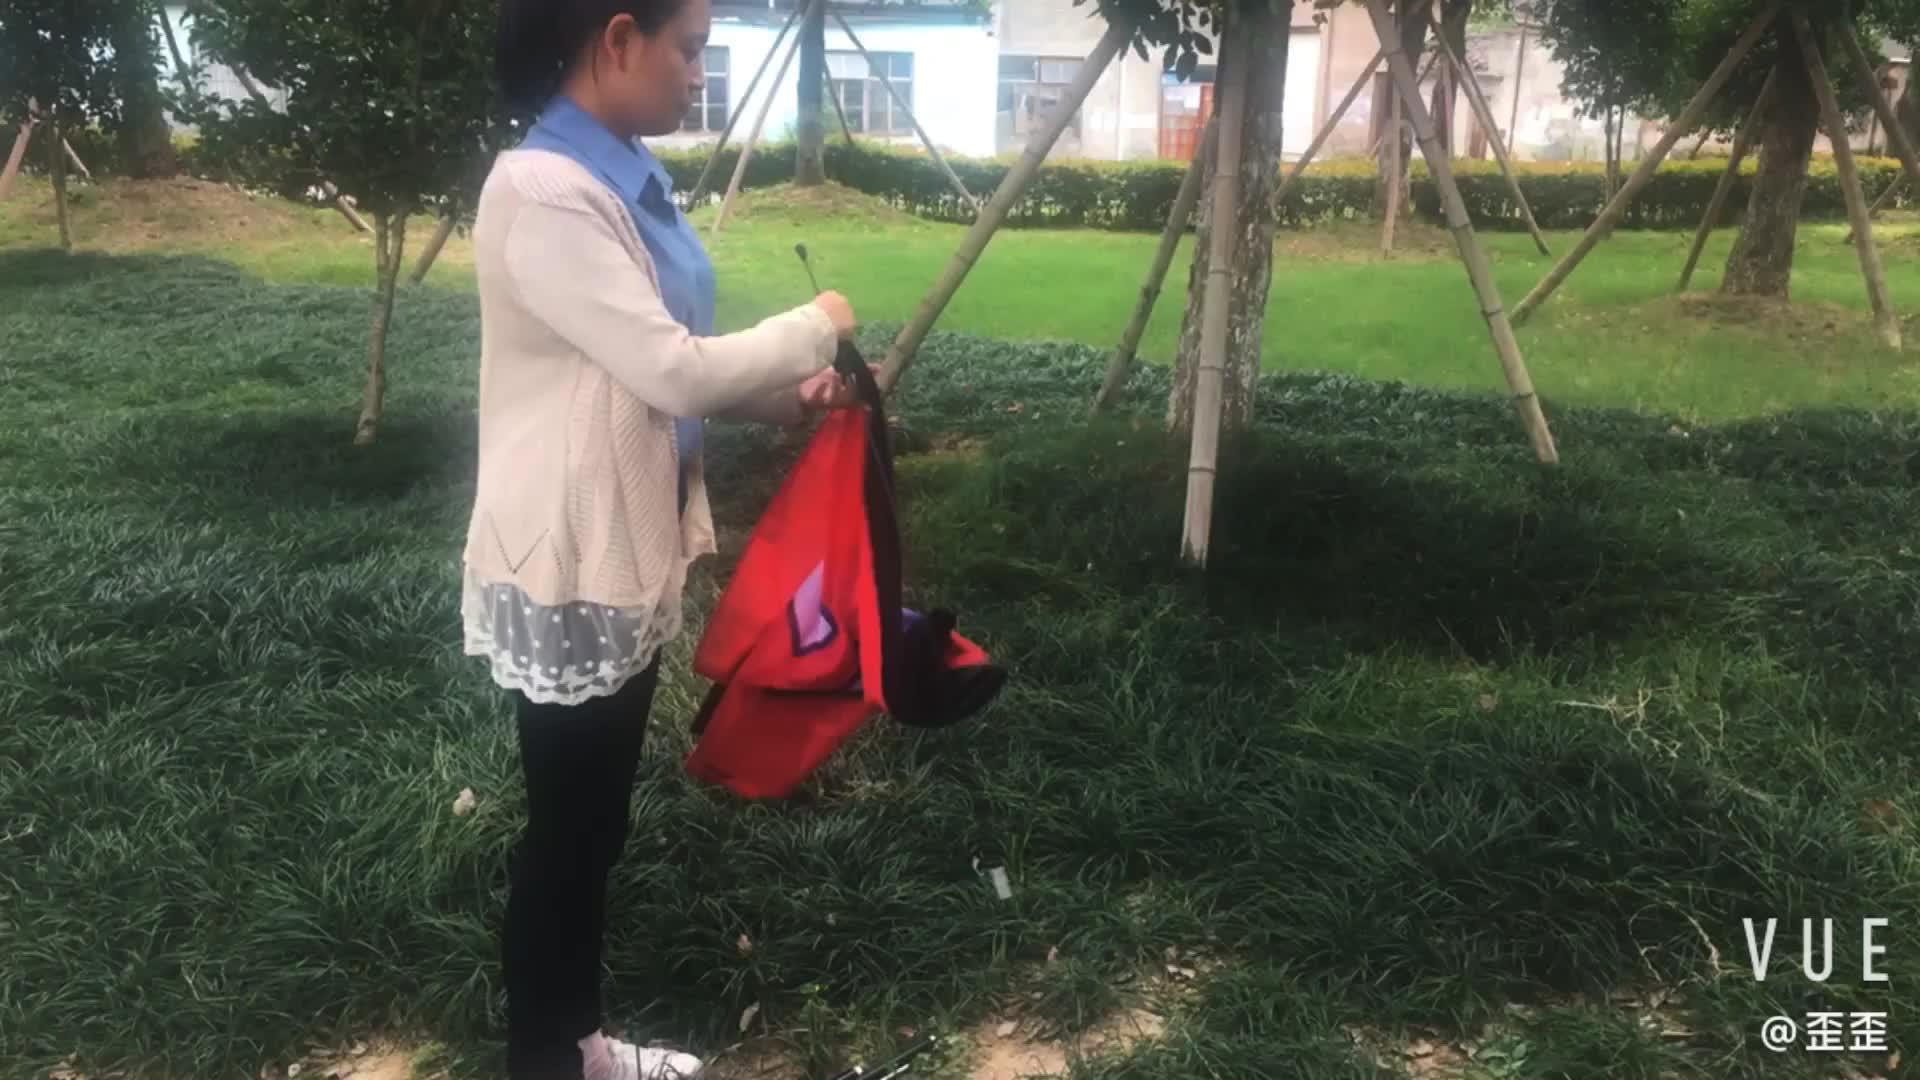 Plaj bayrak direği taşıma çantası